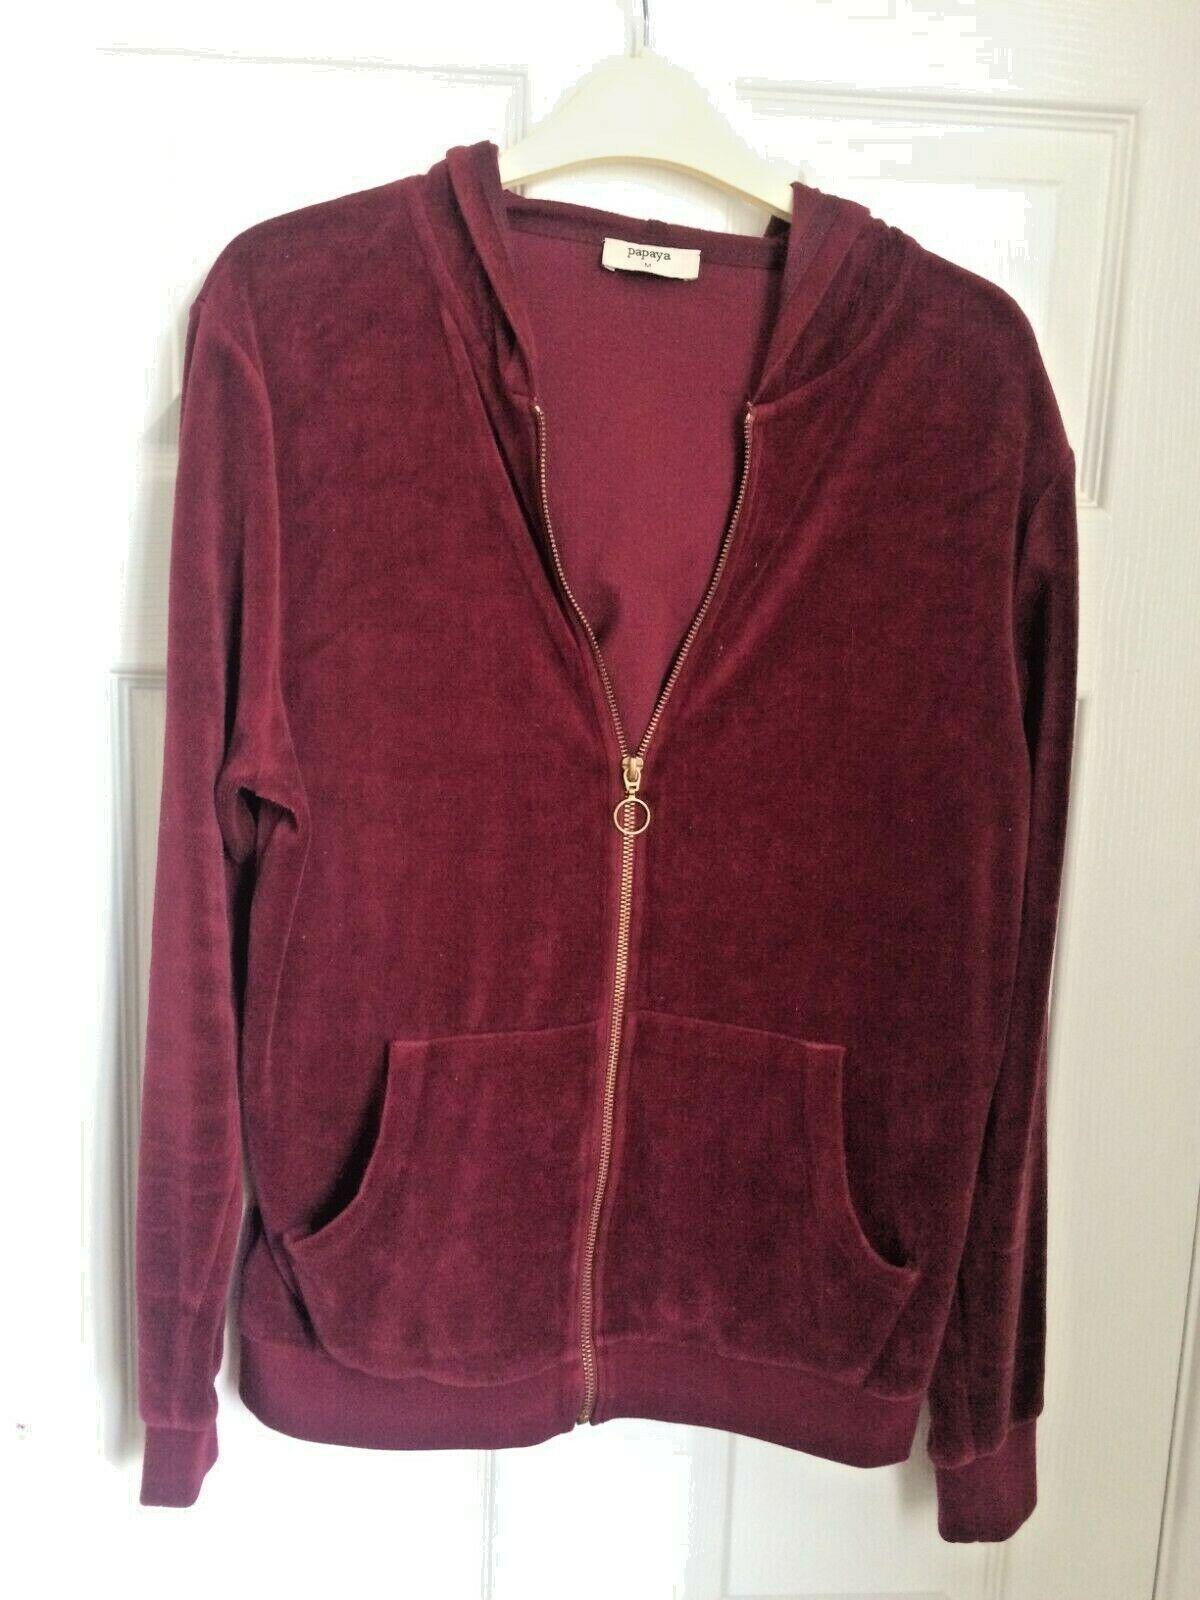 Papaya Zip-Fastening Burgundy Red Hoodie Sweatshirt Medium